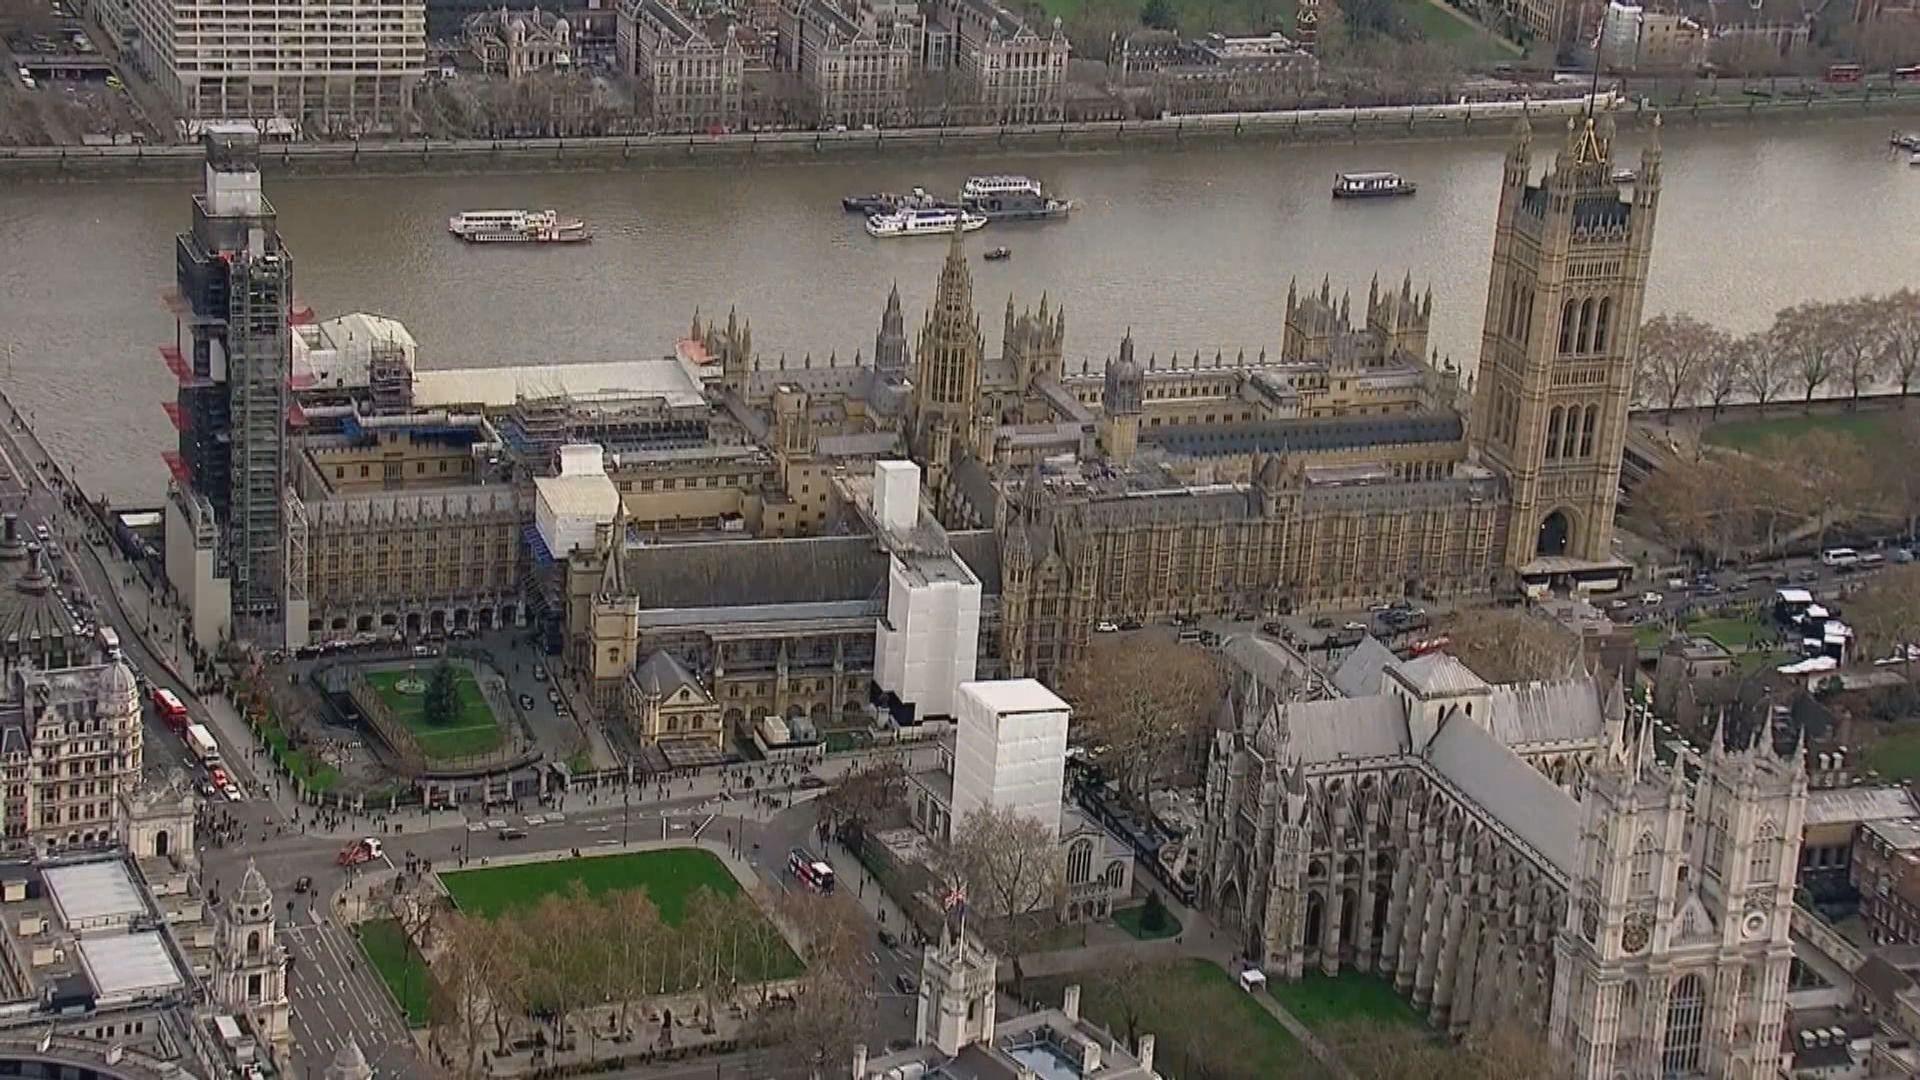 據報英國將容許華為參與當地5G網絡開發